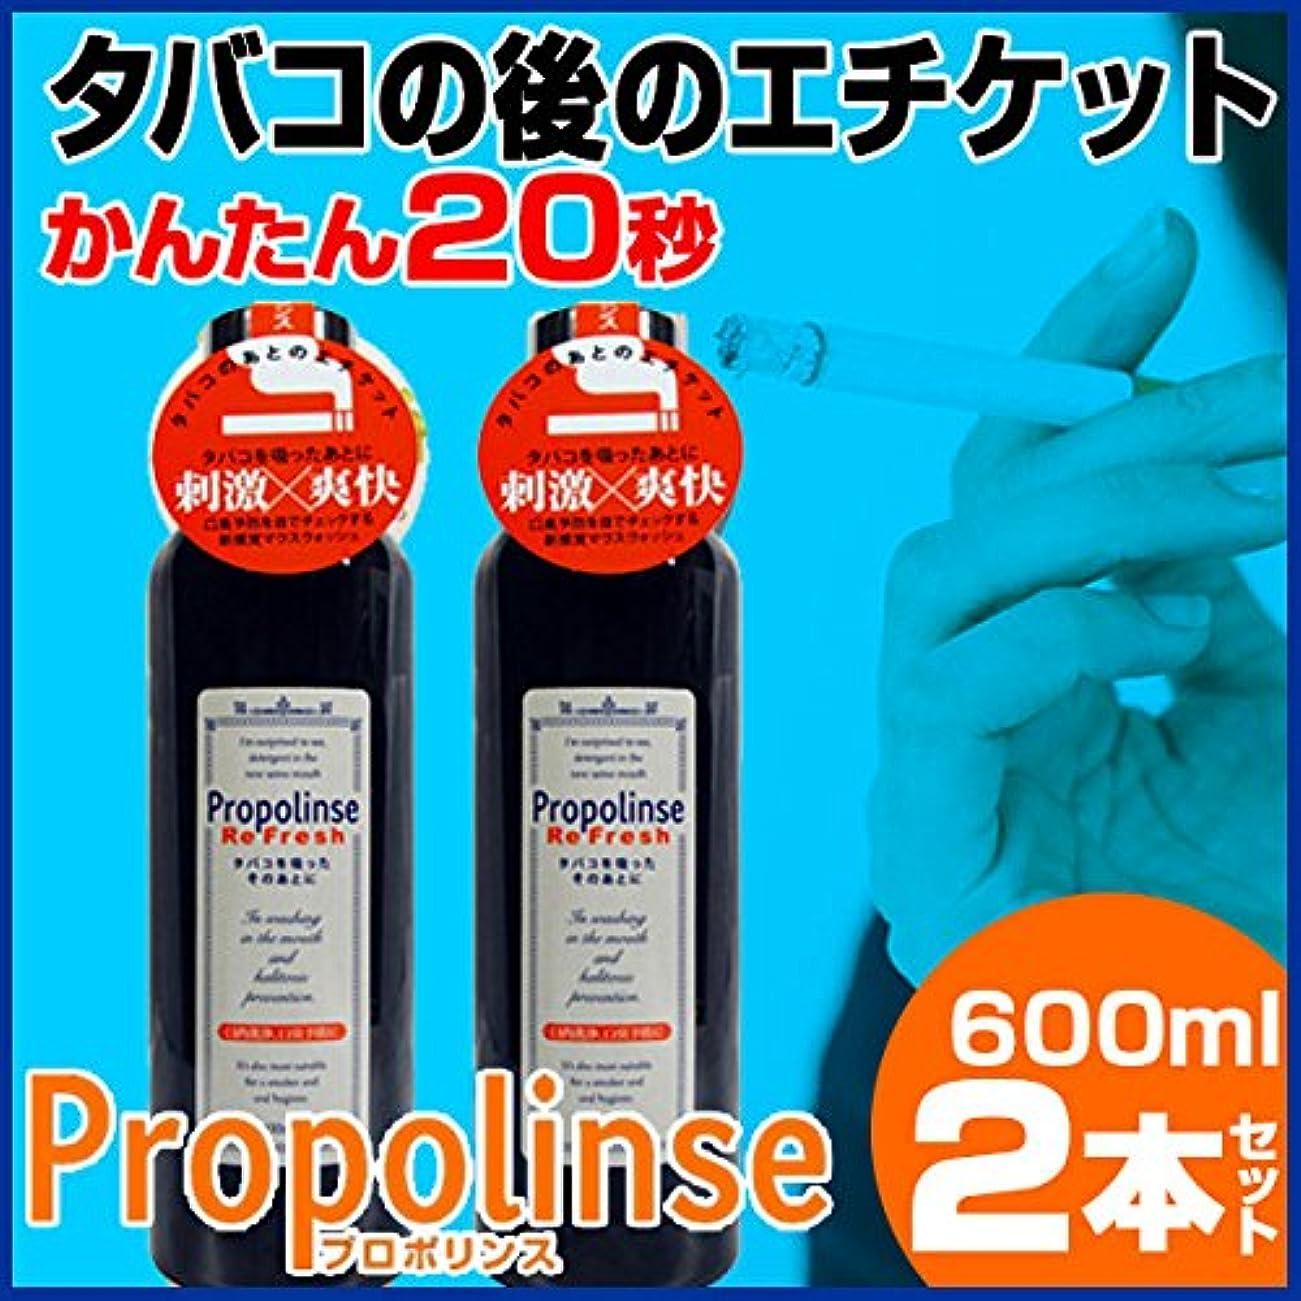 バン削除するケーキプロポリンス リフレッシュ600ml【まとめ買い2個セット】